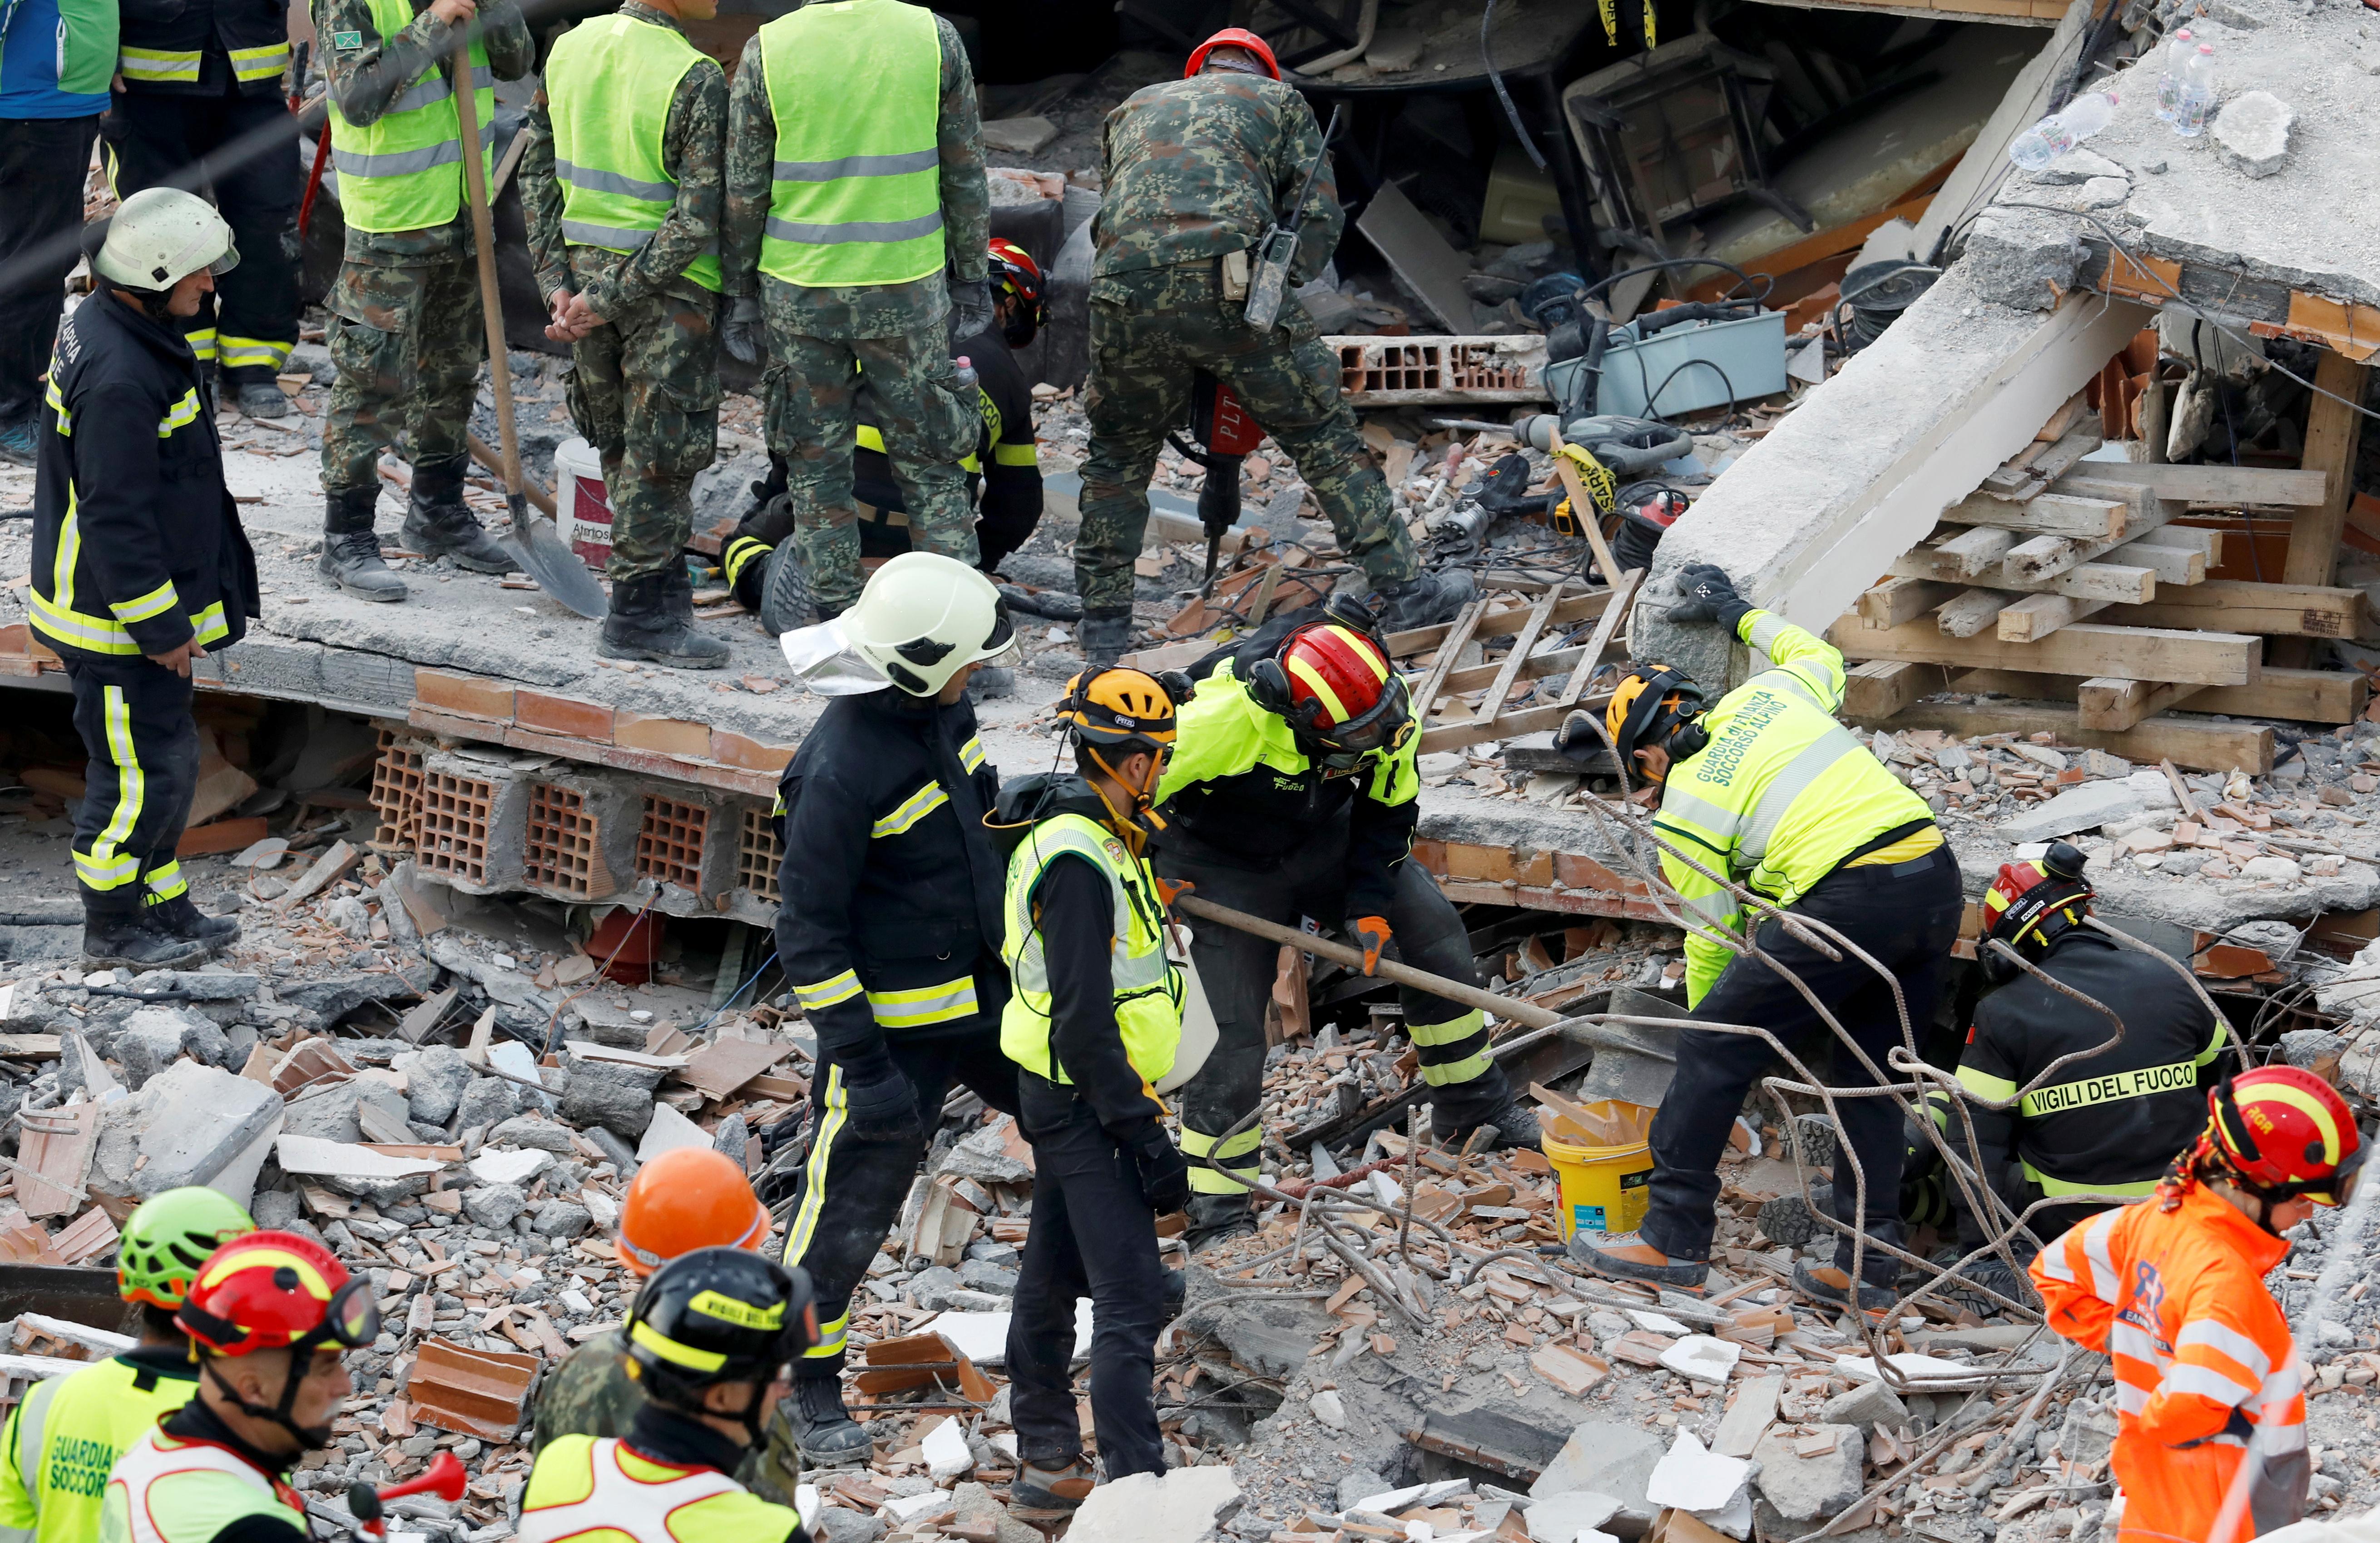 Σεισμός 5,3 ρίχτερ έσπειρε τον πανικό στην Αλβανία - Η στιγμή της κατάρρευσης ενός τετραώροφου κτιρίου!